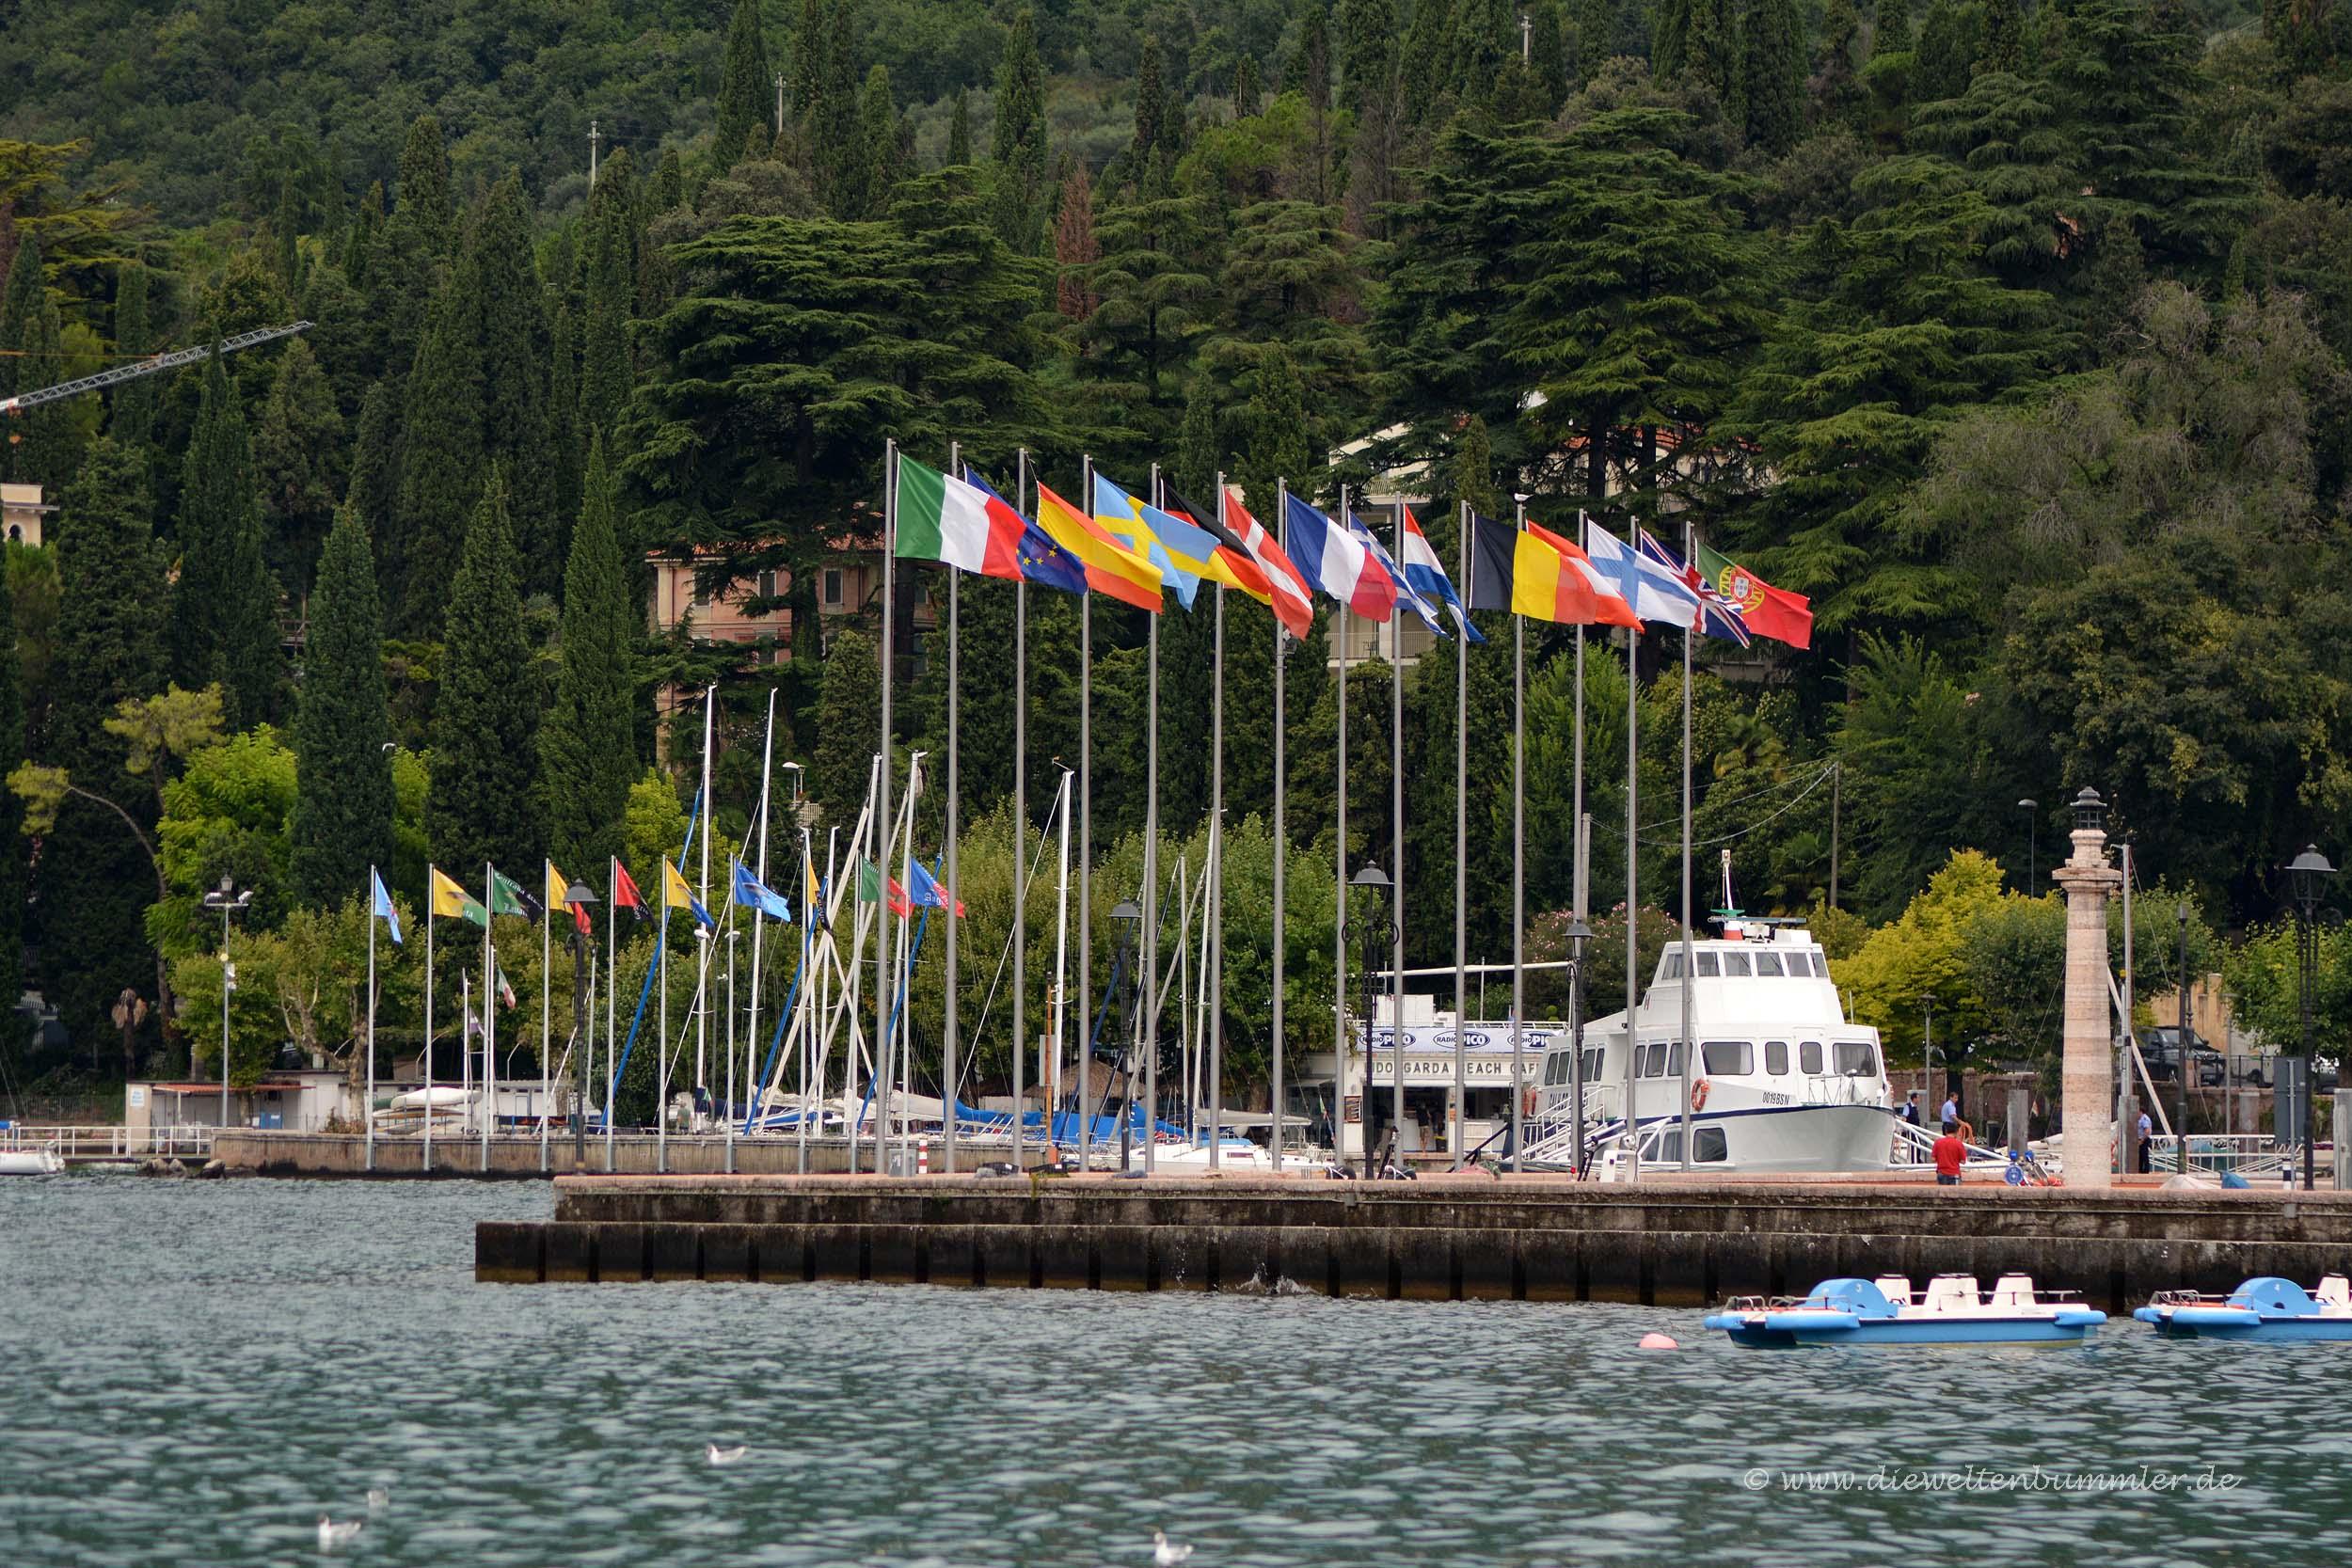 Hafen von Garda